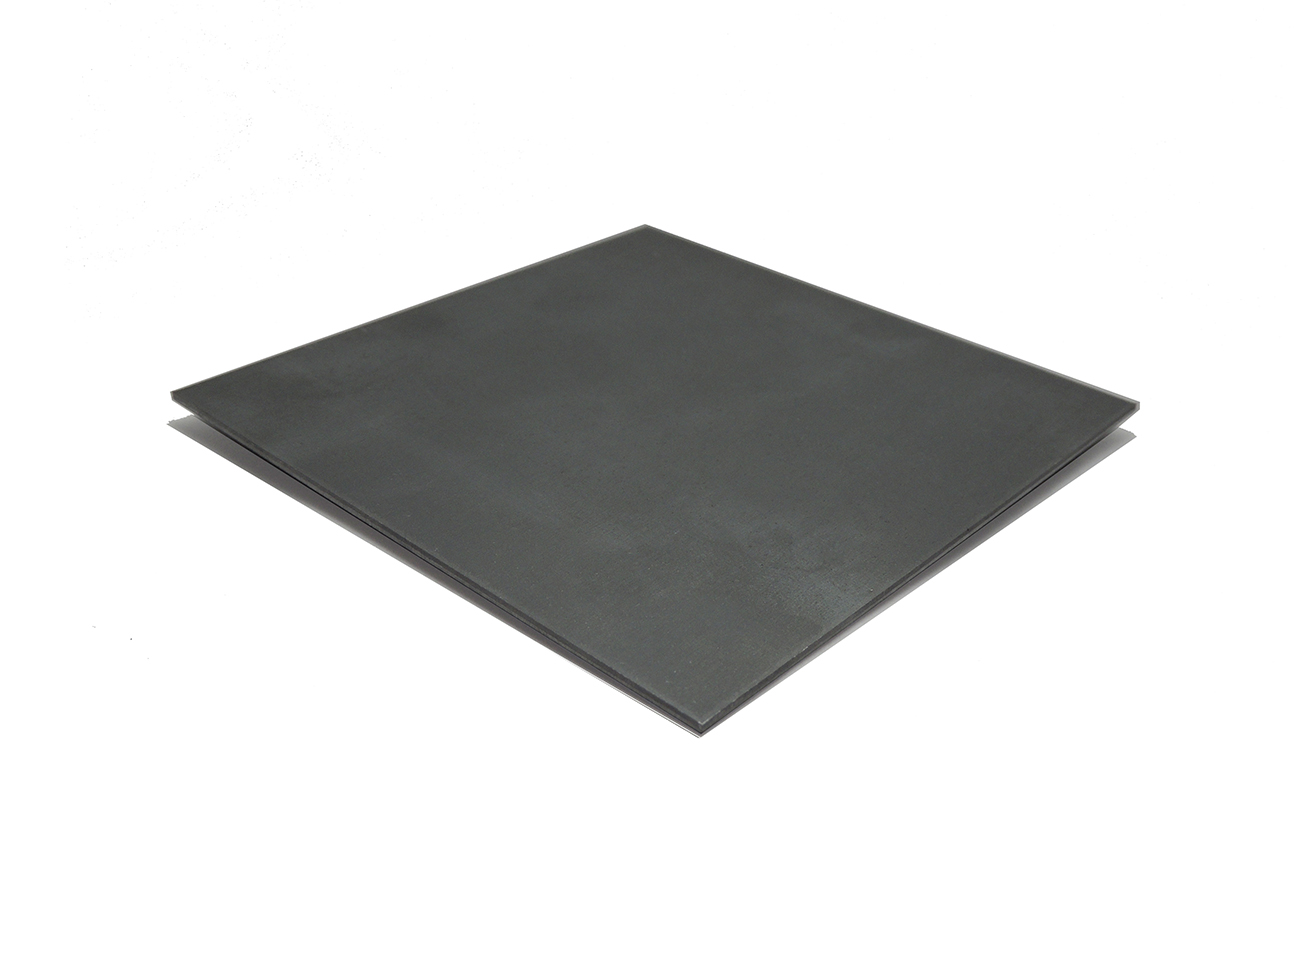 1,5/mm Chapa de acero Chapa de hierro metal Fein Chapa Chapa DC01/hasta 1000/x 1000/mm 600/600